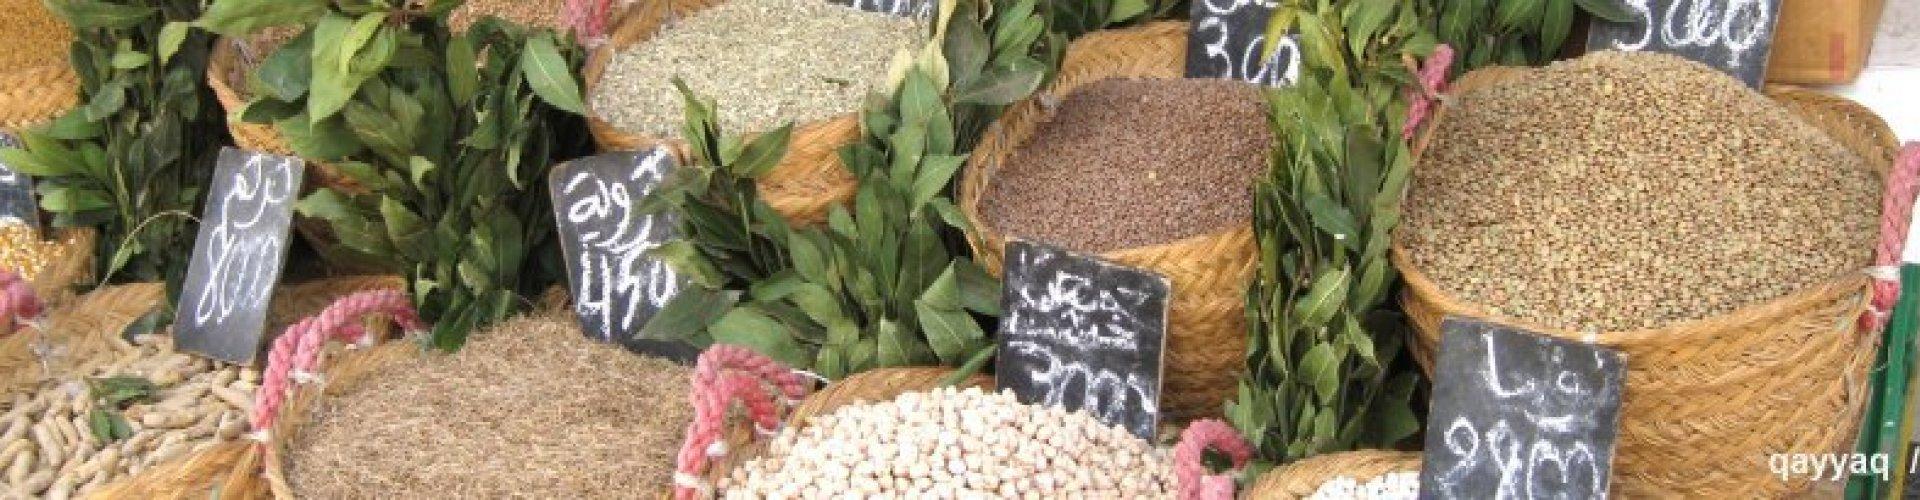 Markt in Midoun